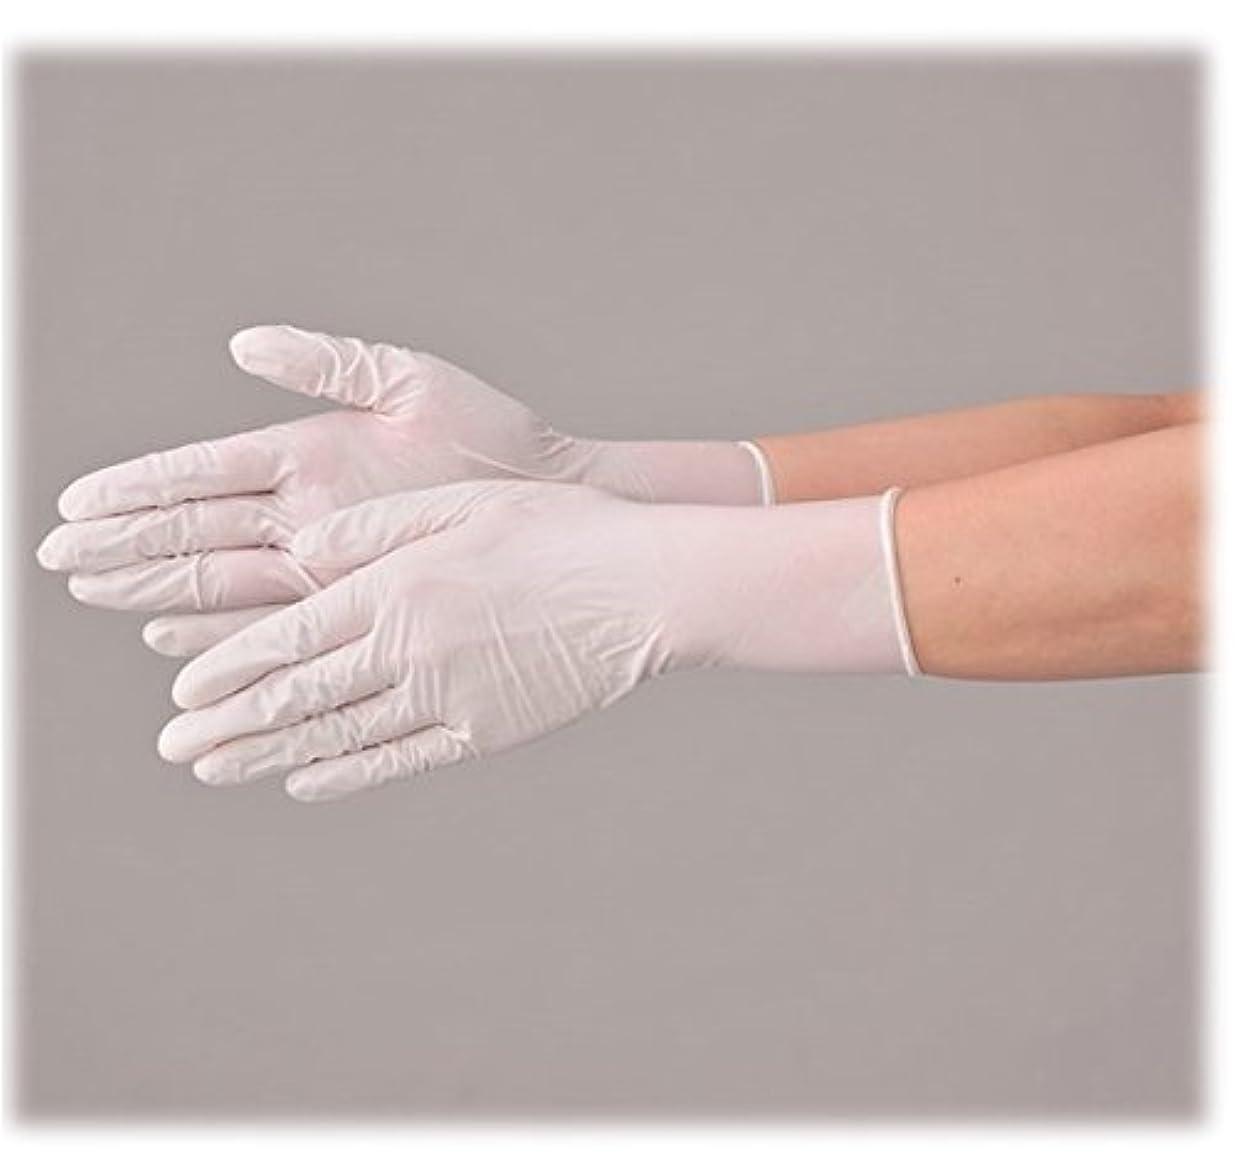 合併症とまり木憂鬱使い捨て 手袋 エブノ 520 ニトリル 極薄手袋 パウダーフリー ホワイト Mサイズ 2ケース(100枚×40箱)